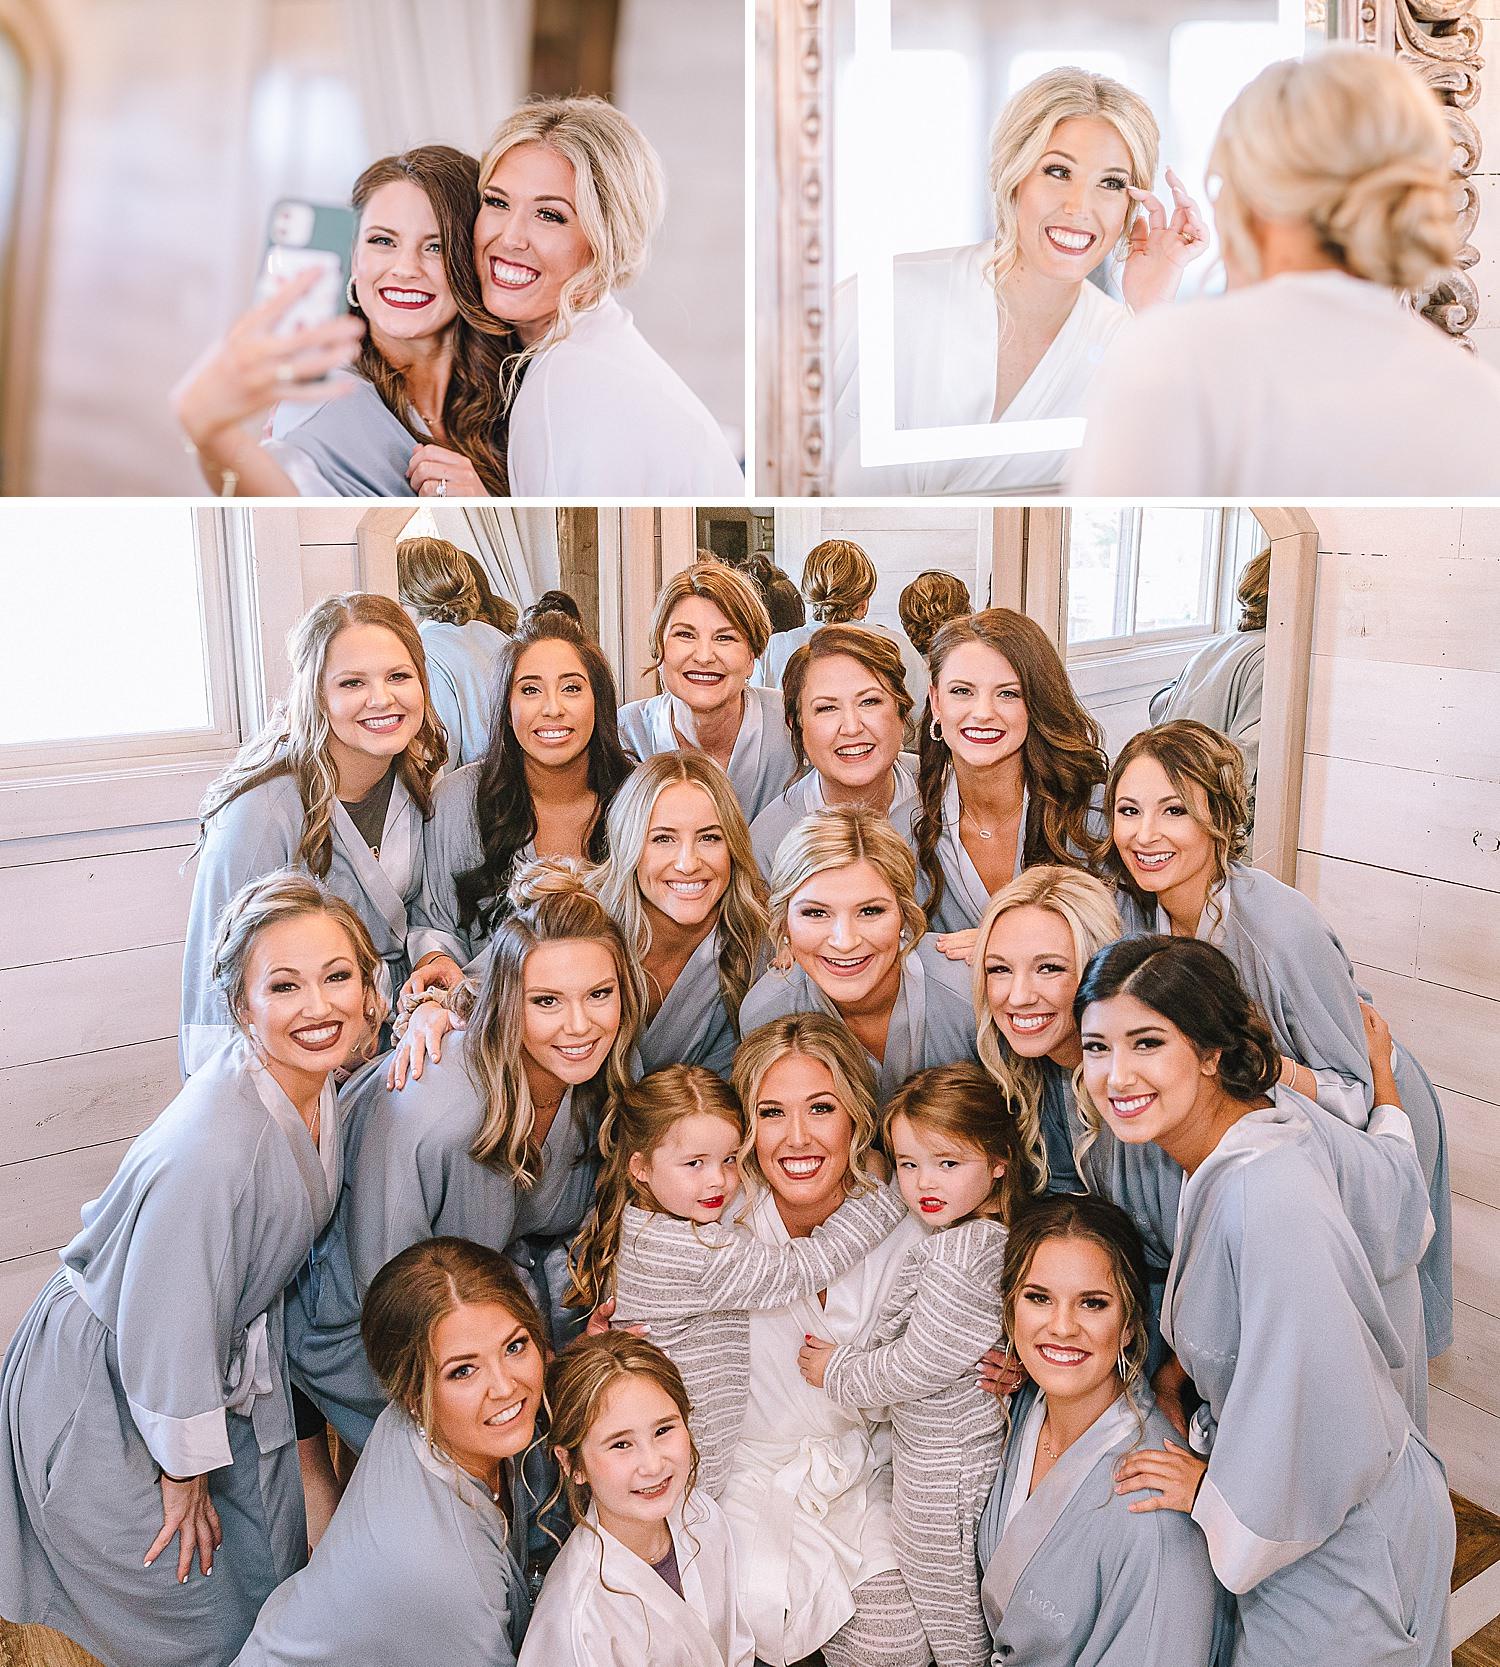 College-Station-Aggie-Wedding-The-Weinberg-at-Wixon-Valley-Christmas-Hallmark-Wedding_0028.jpg